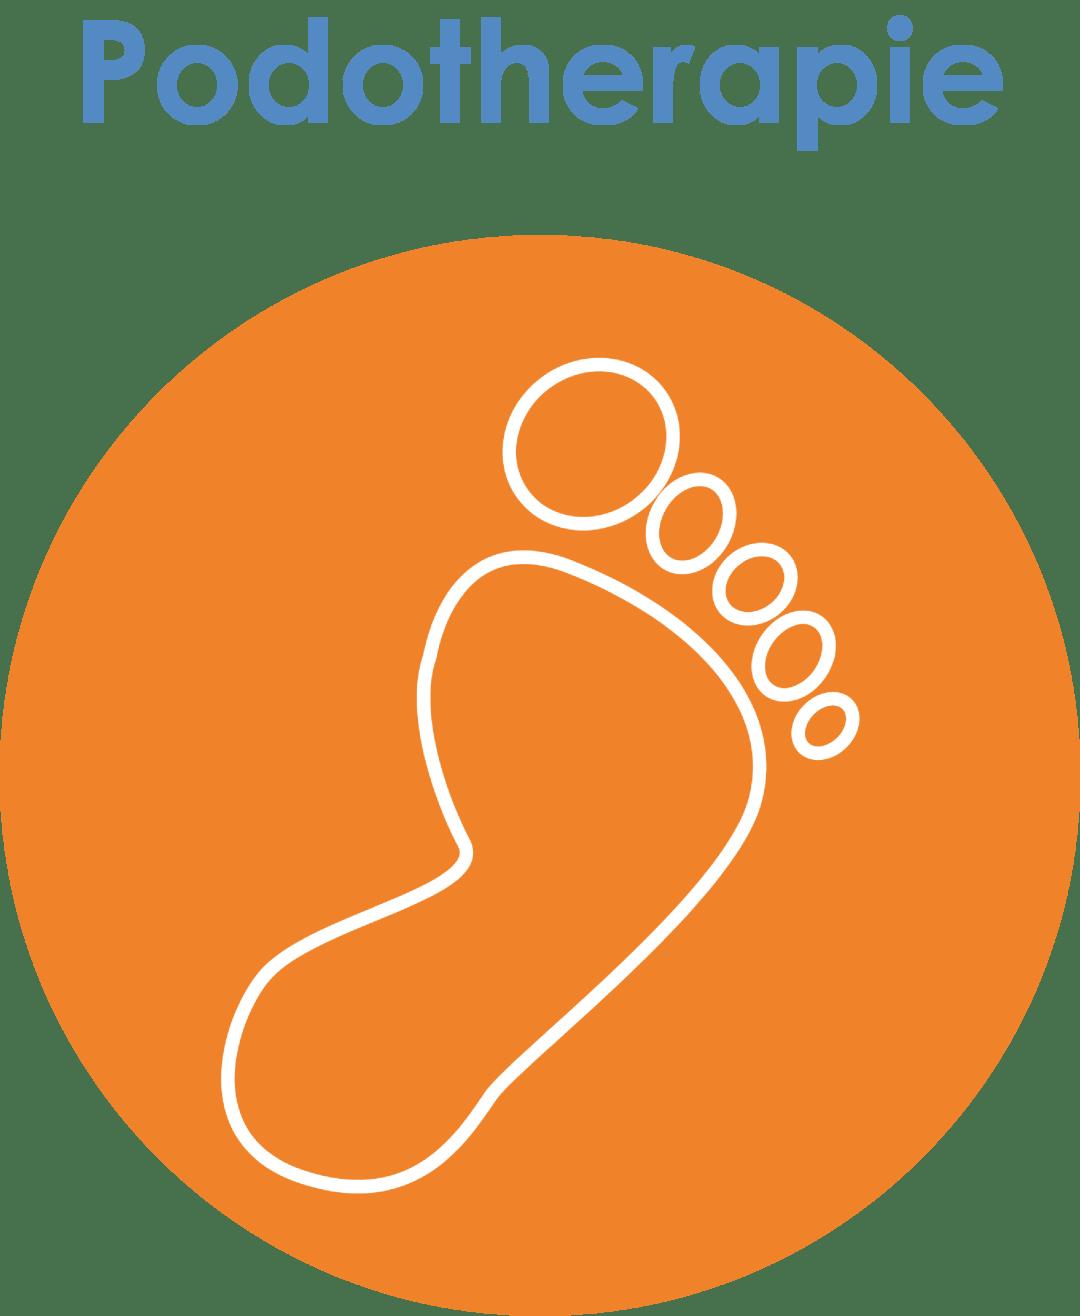 podotherapie fysio 4 den bosch